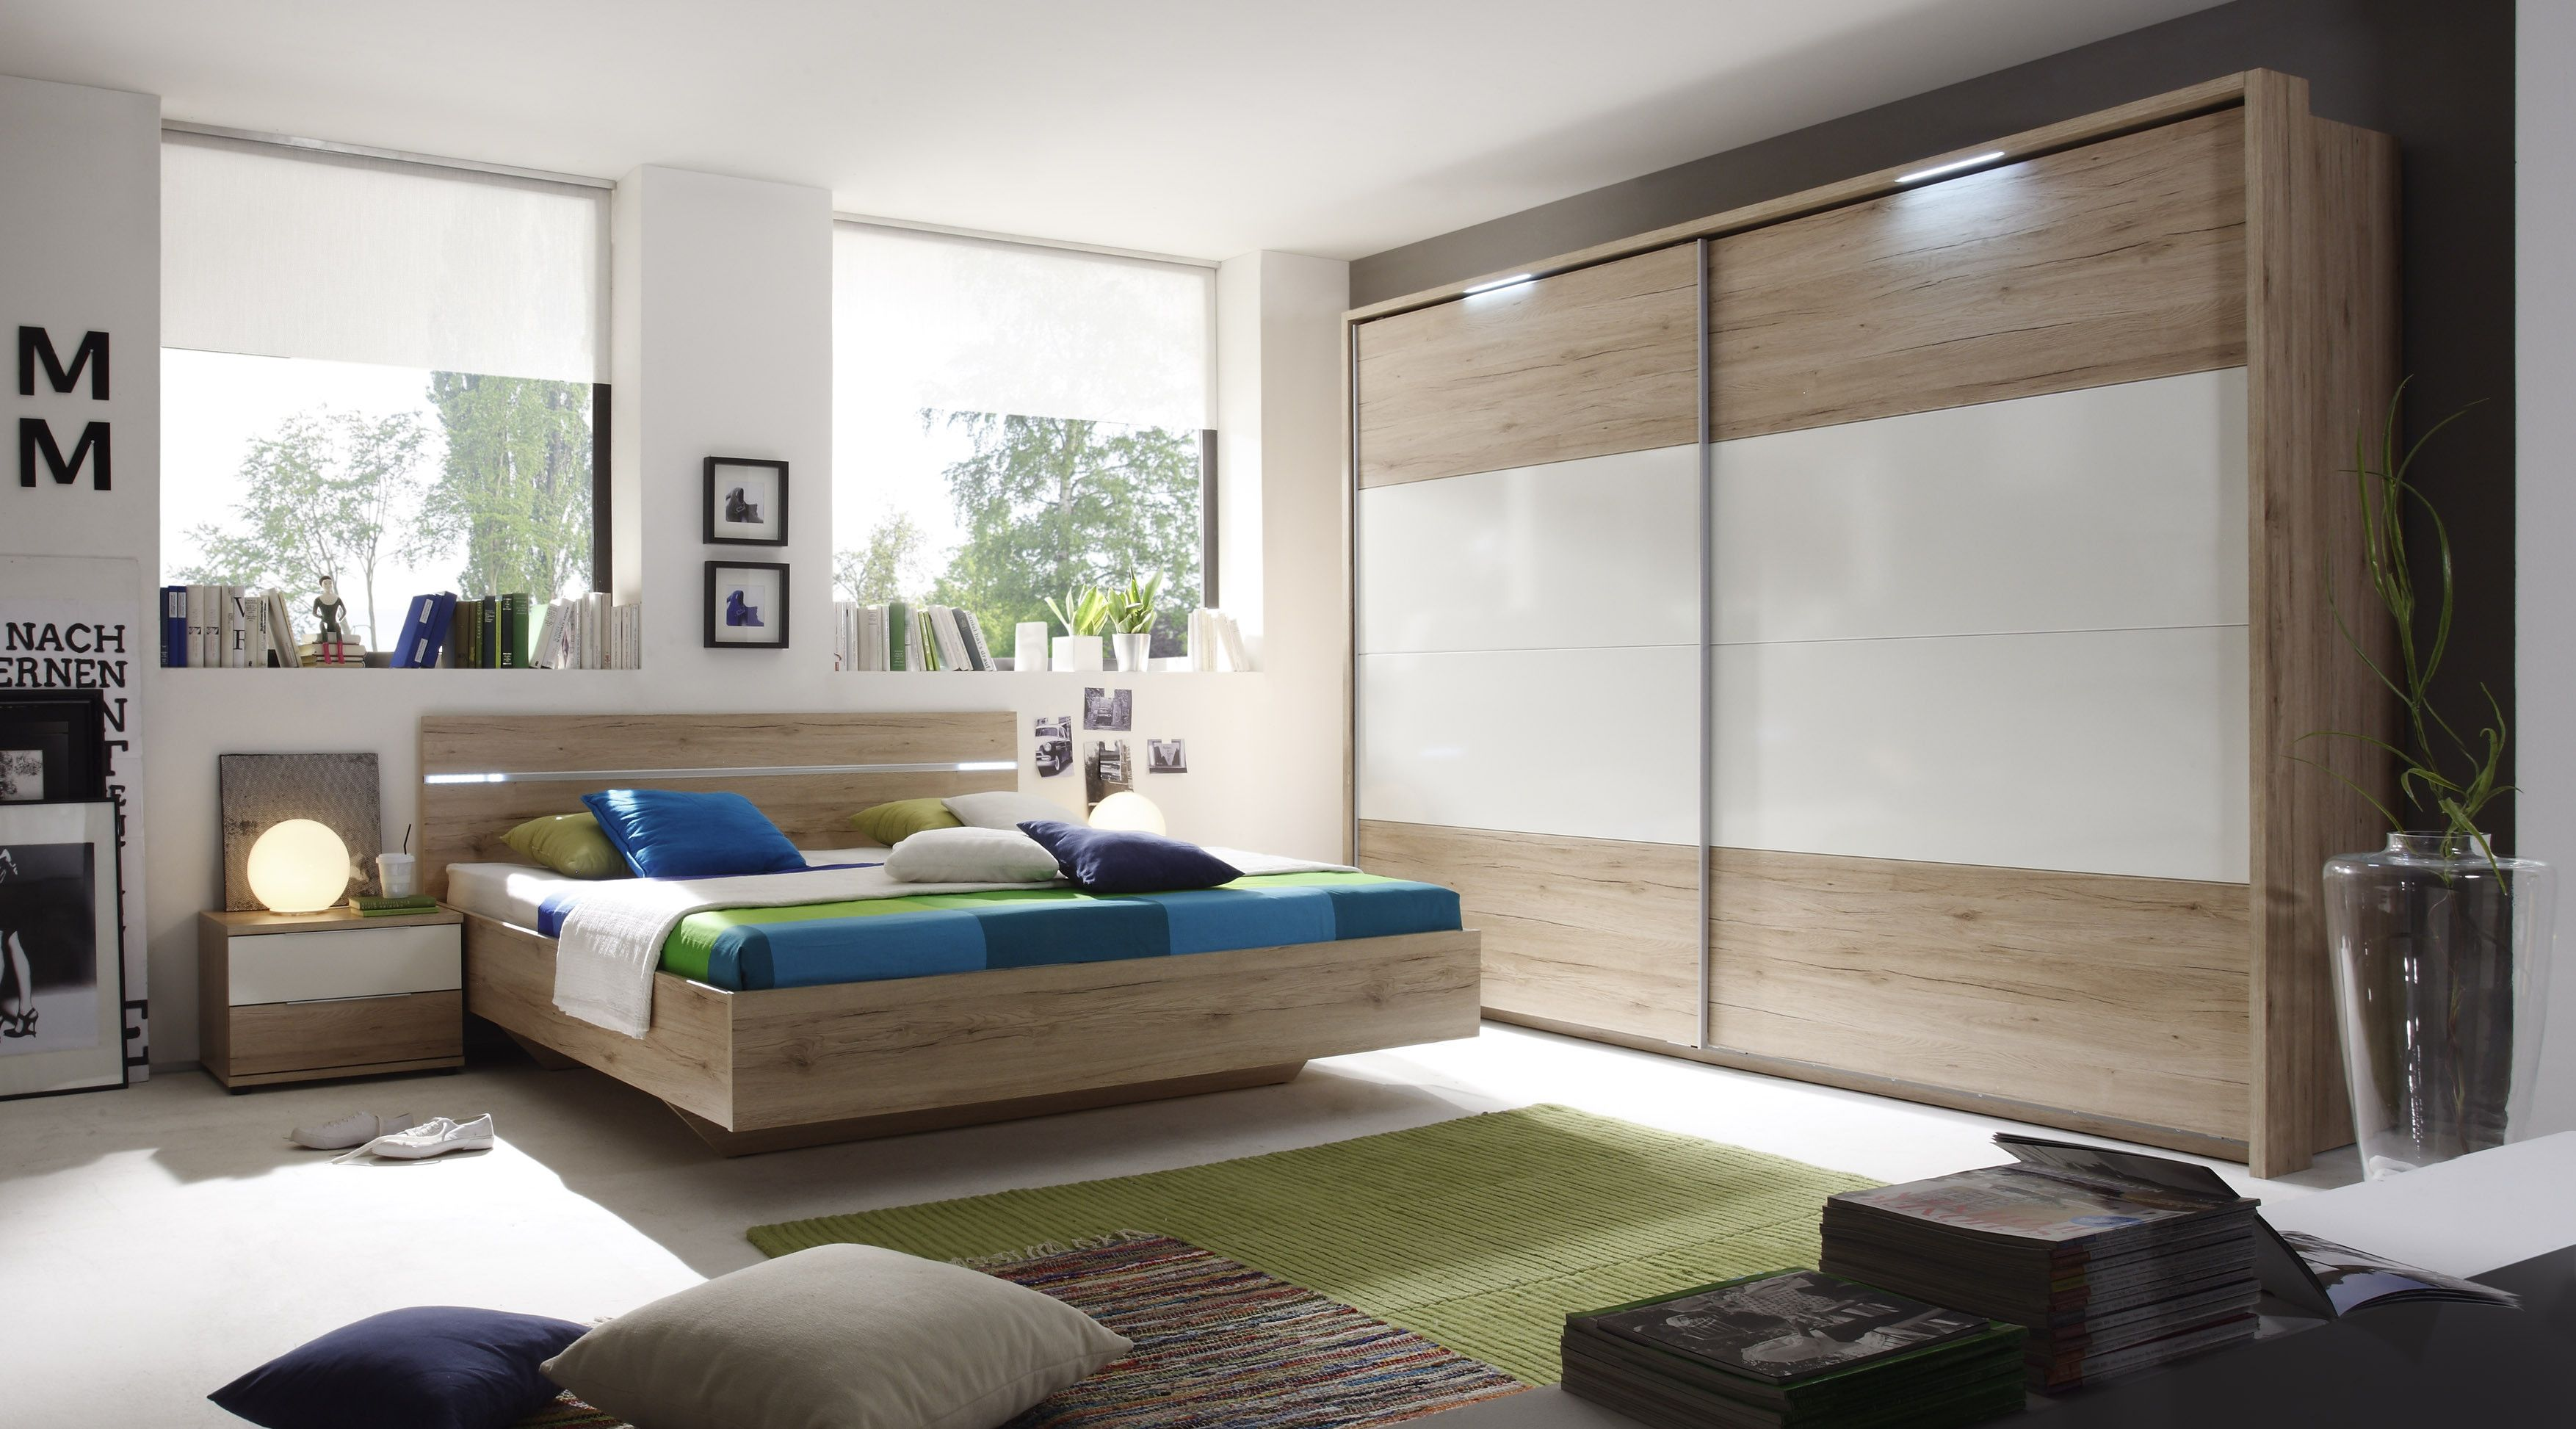 Schlafzimmer Mit Bett 180 X 200 Cm San Remo Hell/ Weiss Woody 62 00052  Eiche Holz Modern Jetzt Bestellen Unter: ...